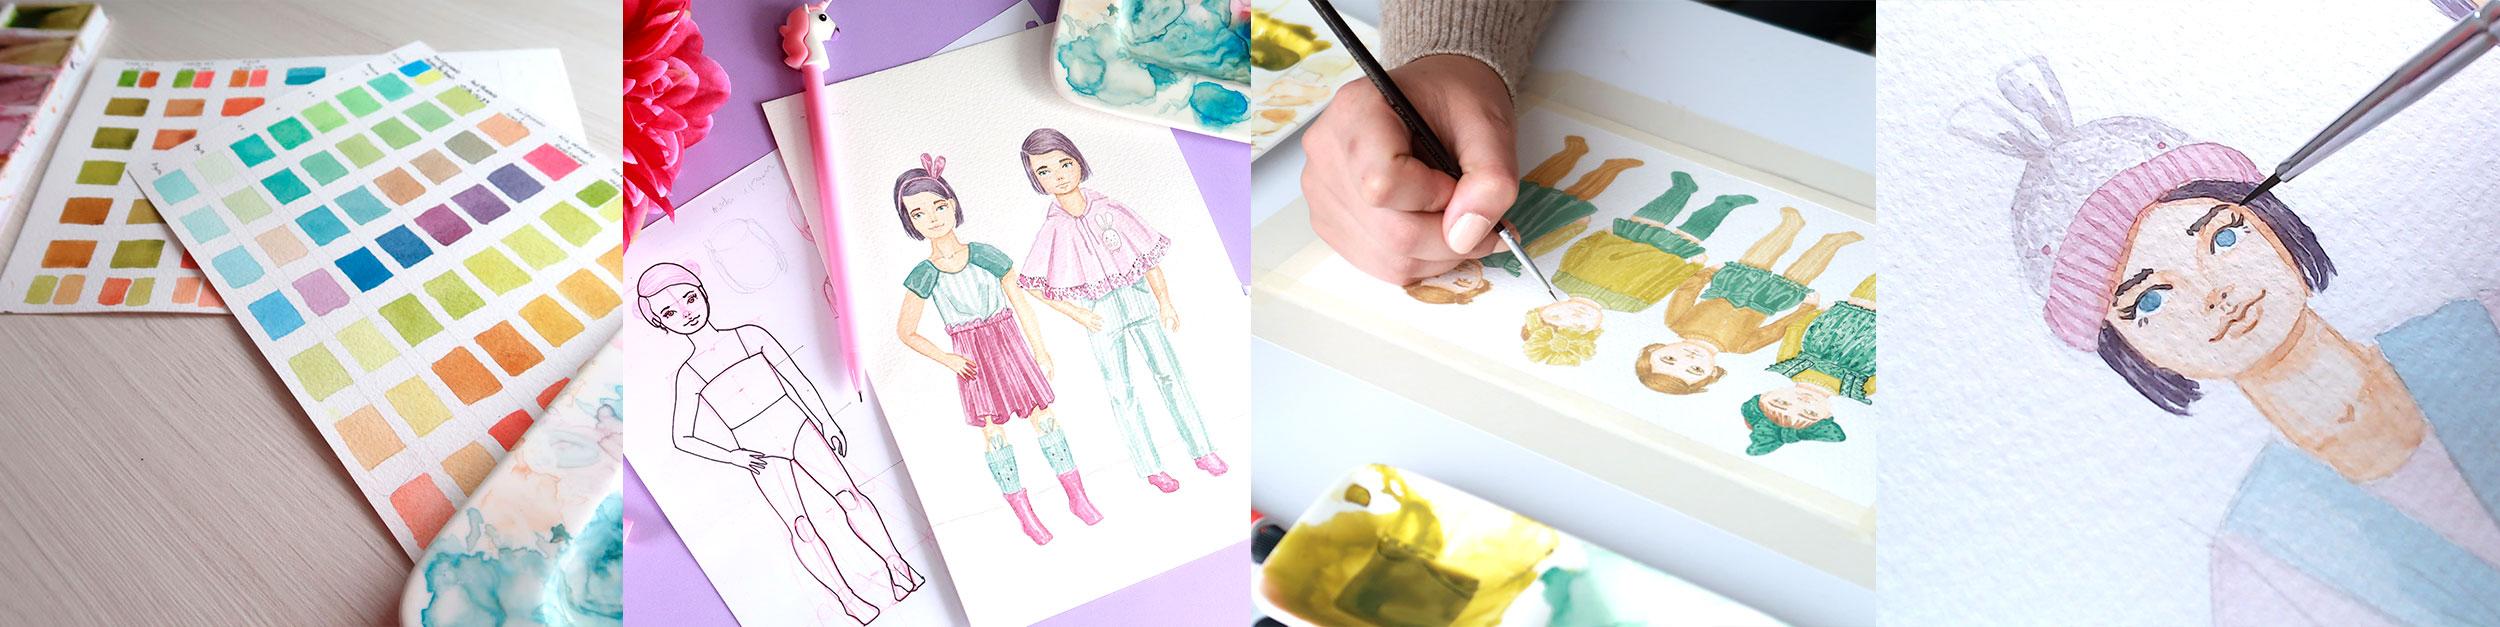 figurines-infantiles-laurapaez